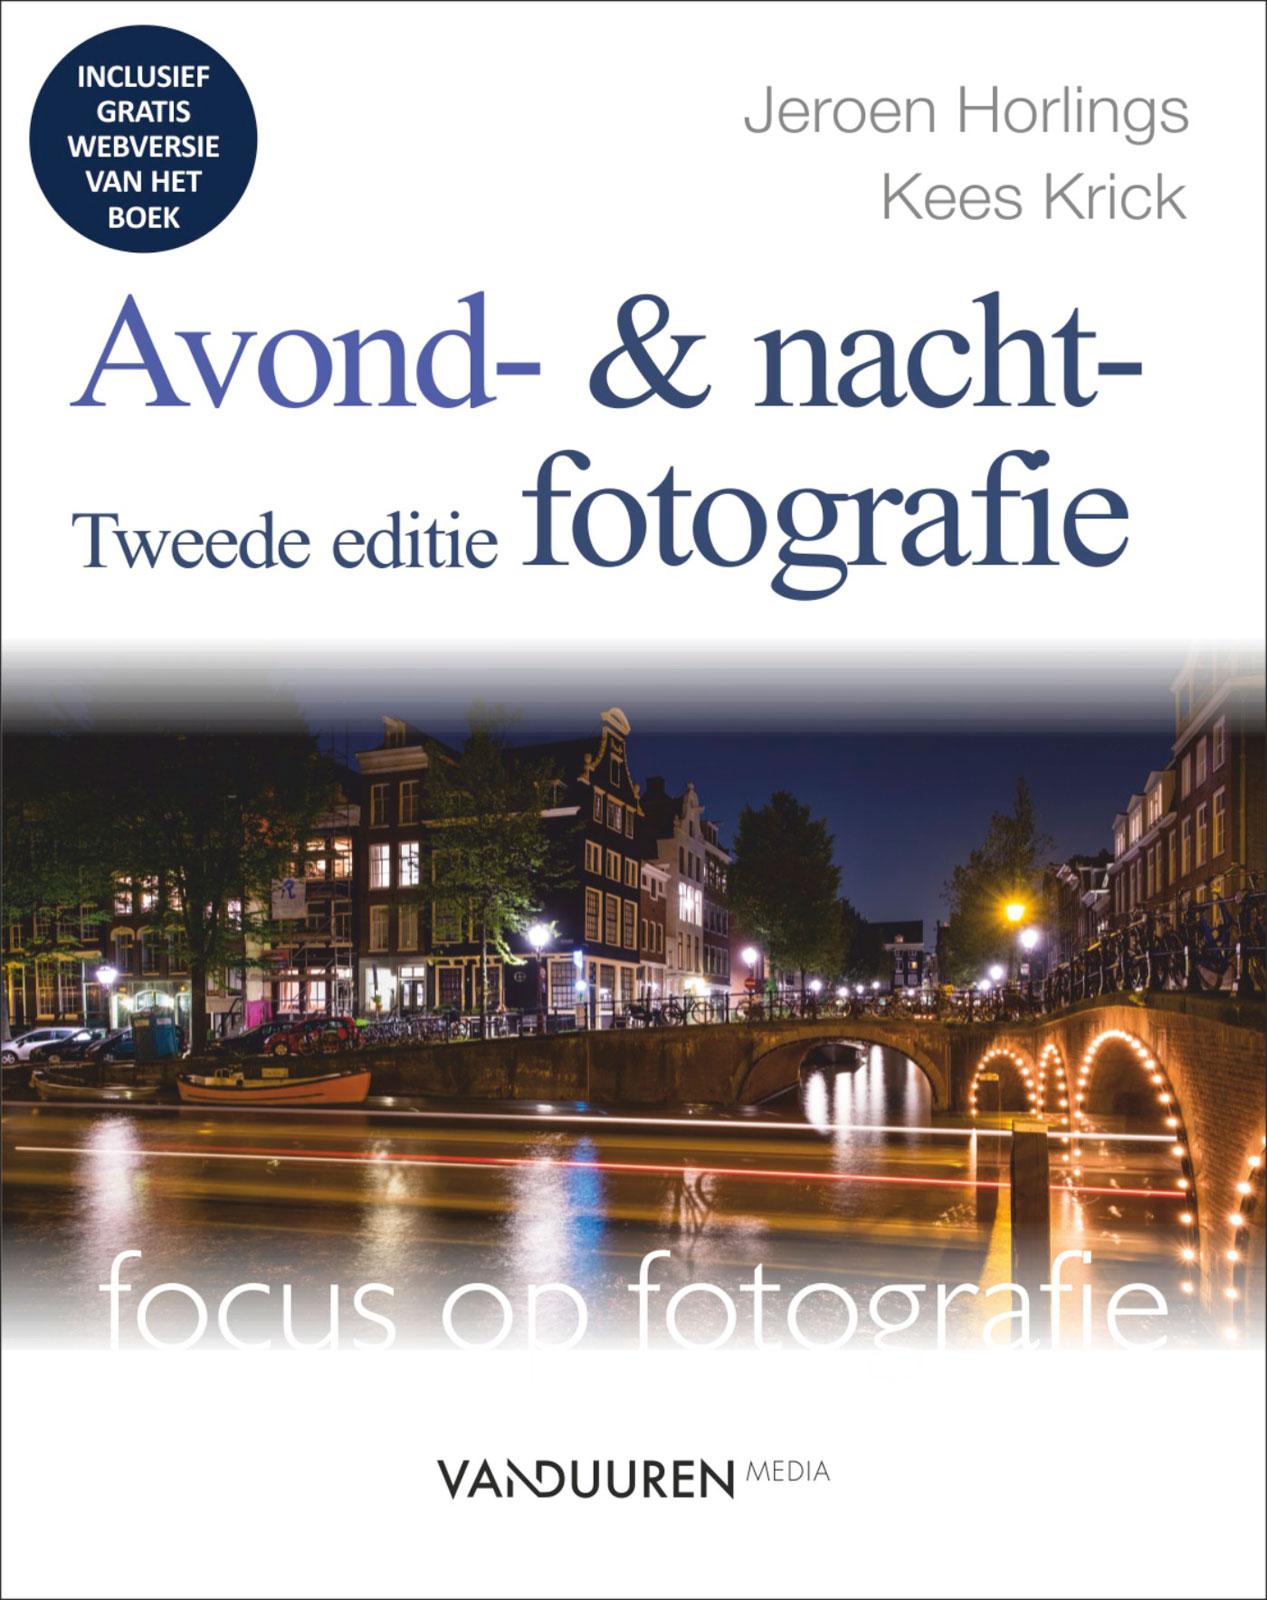 Focus op fotografie: Avond- en nachtfotografie 2e editie- Jeroen Horlings/Kees Krick, isbn 9789463560153